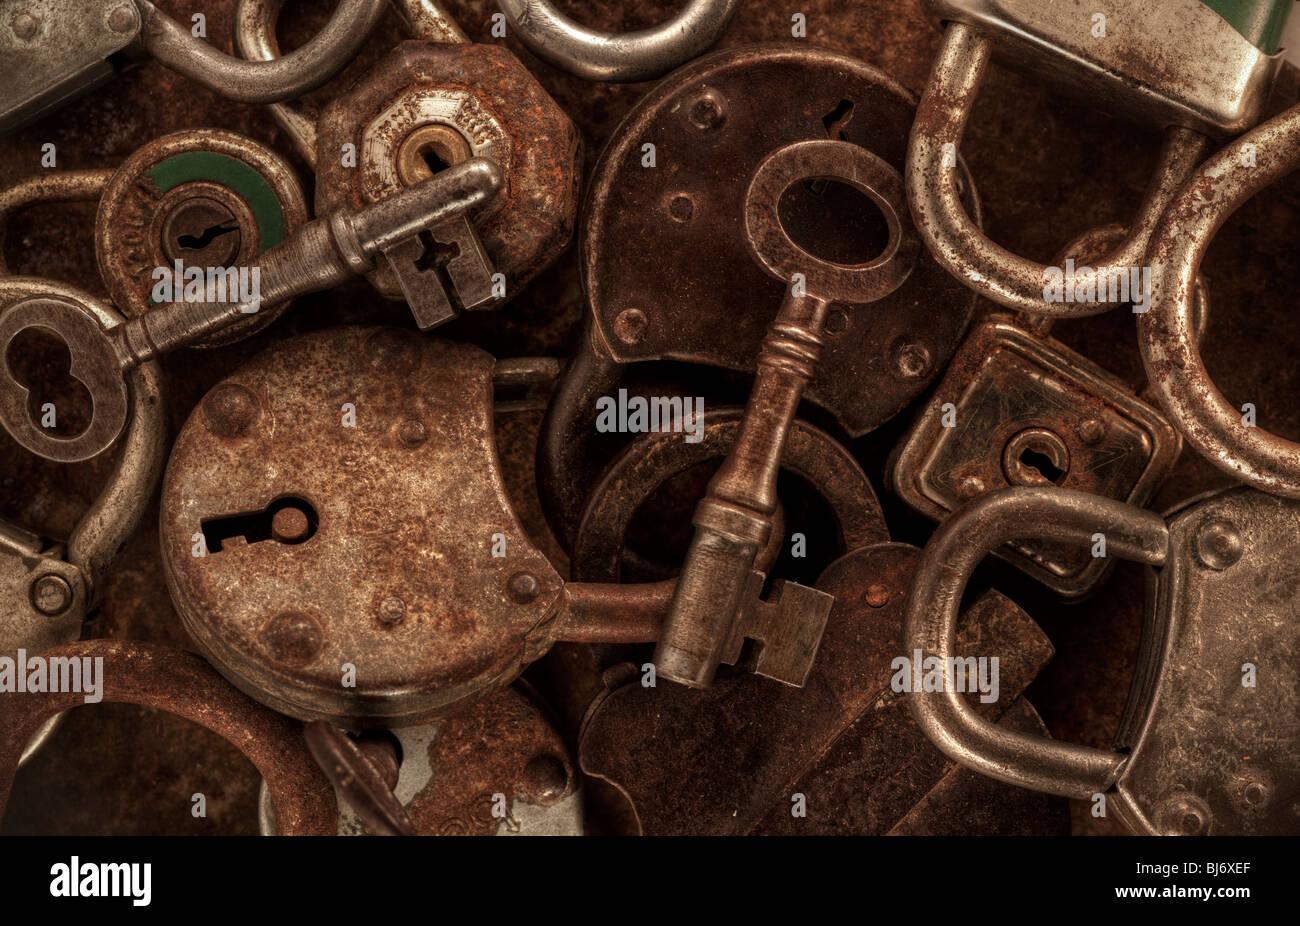 Keys and padlocks still life - Stock Image